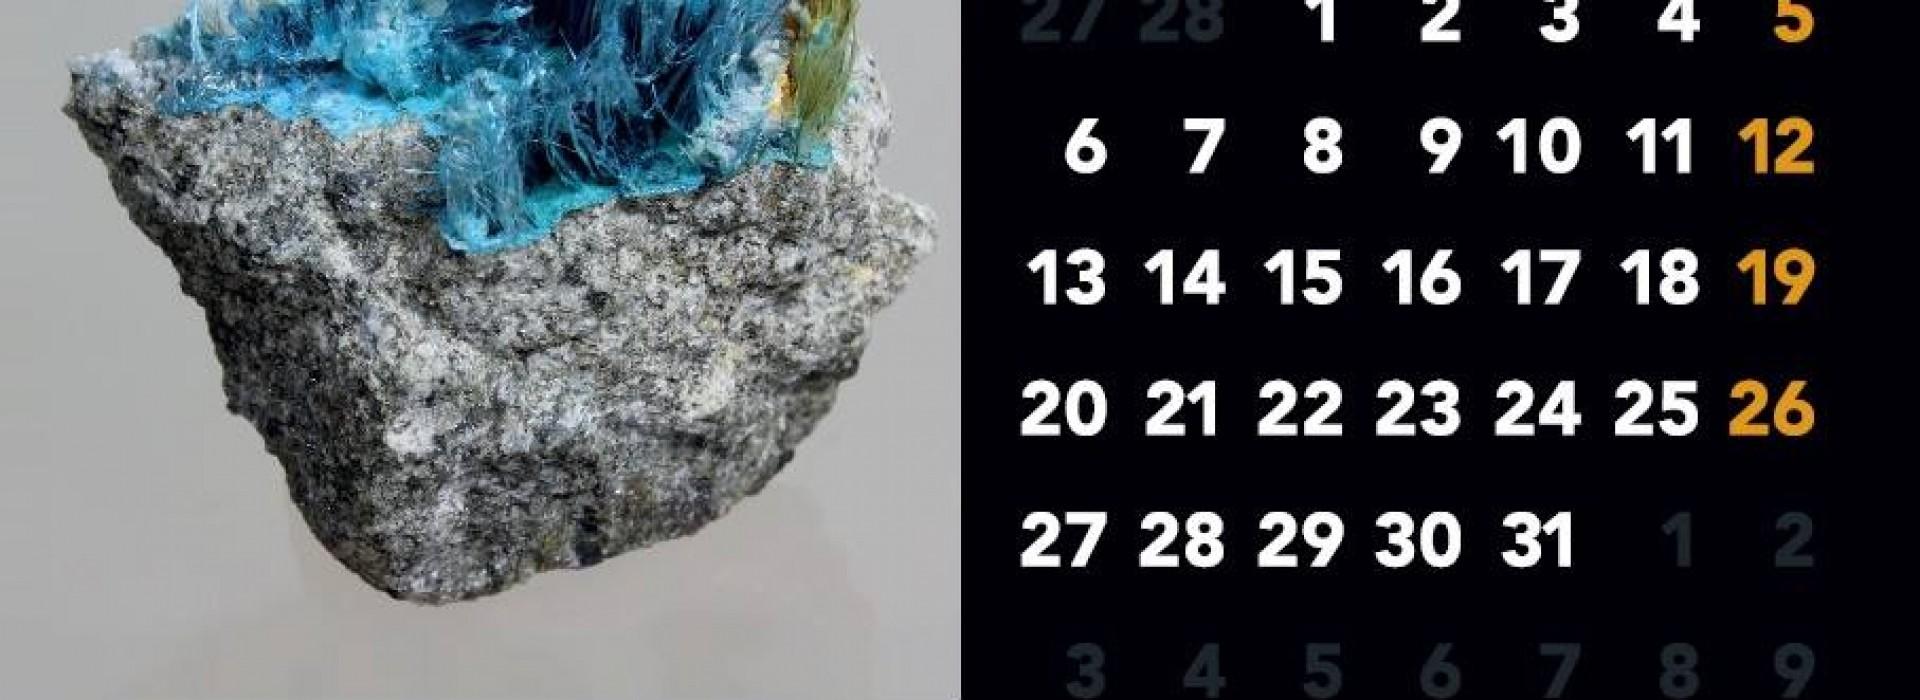 Calendari de sobretaula GMC 2017